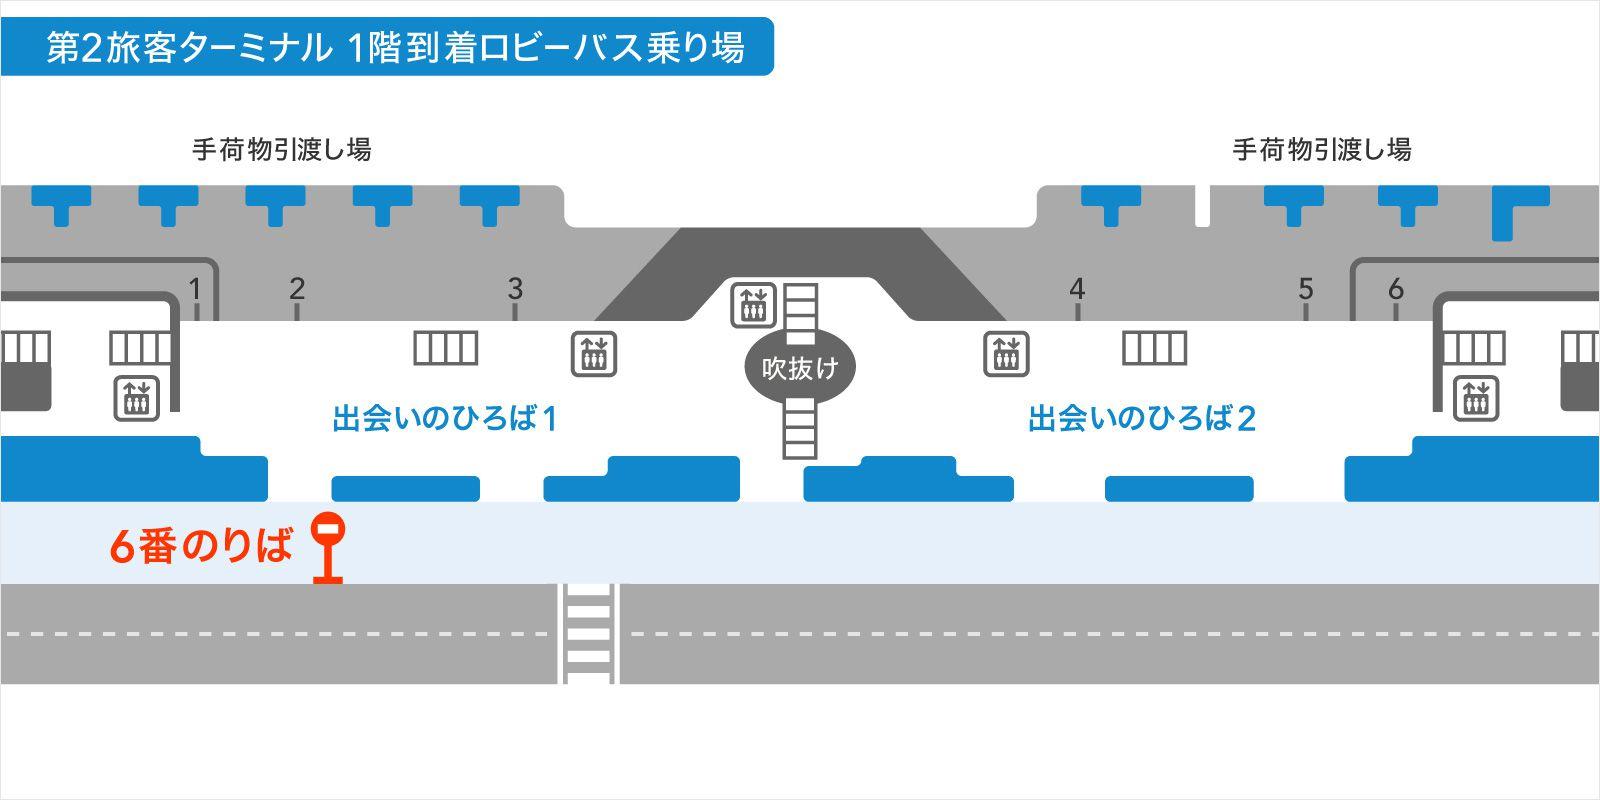 羽田空港第2ターミナルバス乗り場の画像